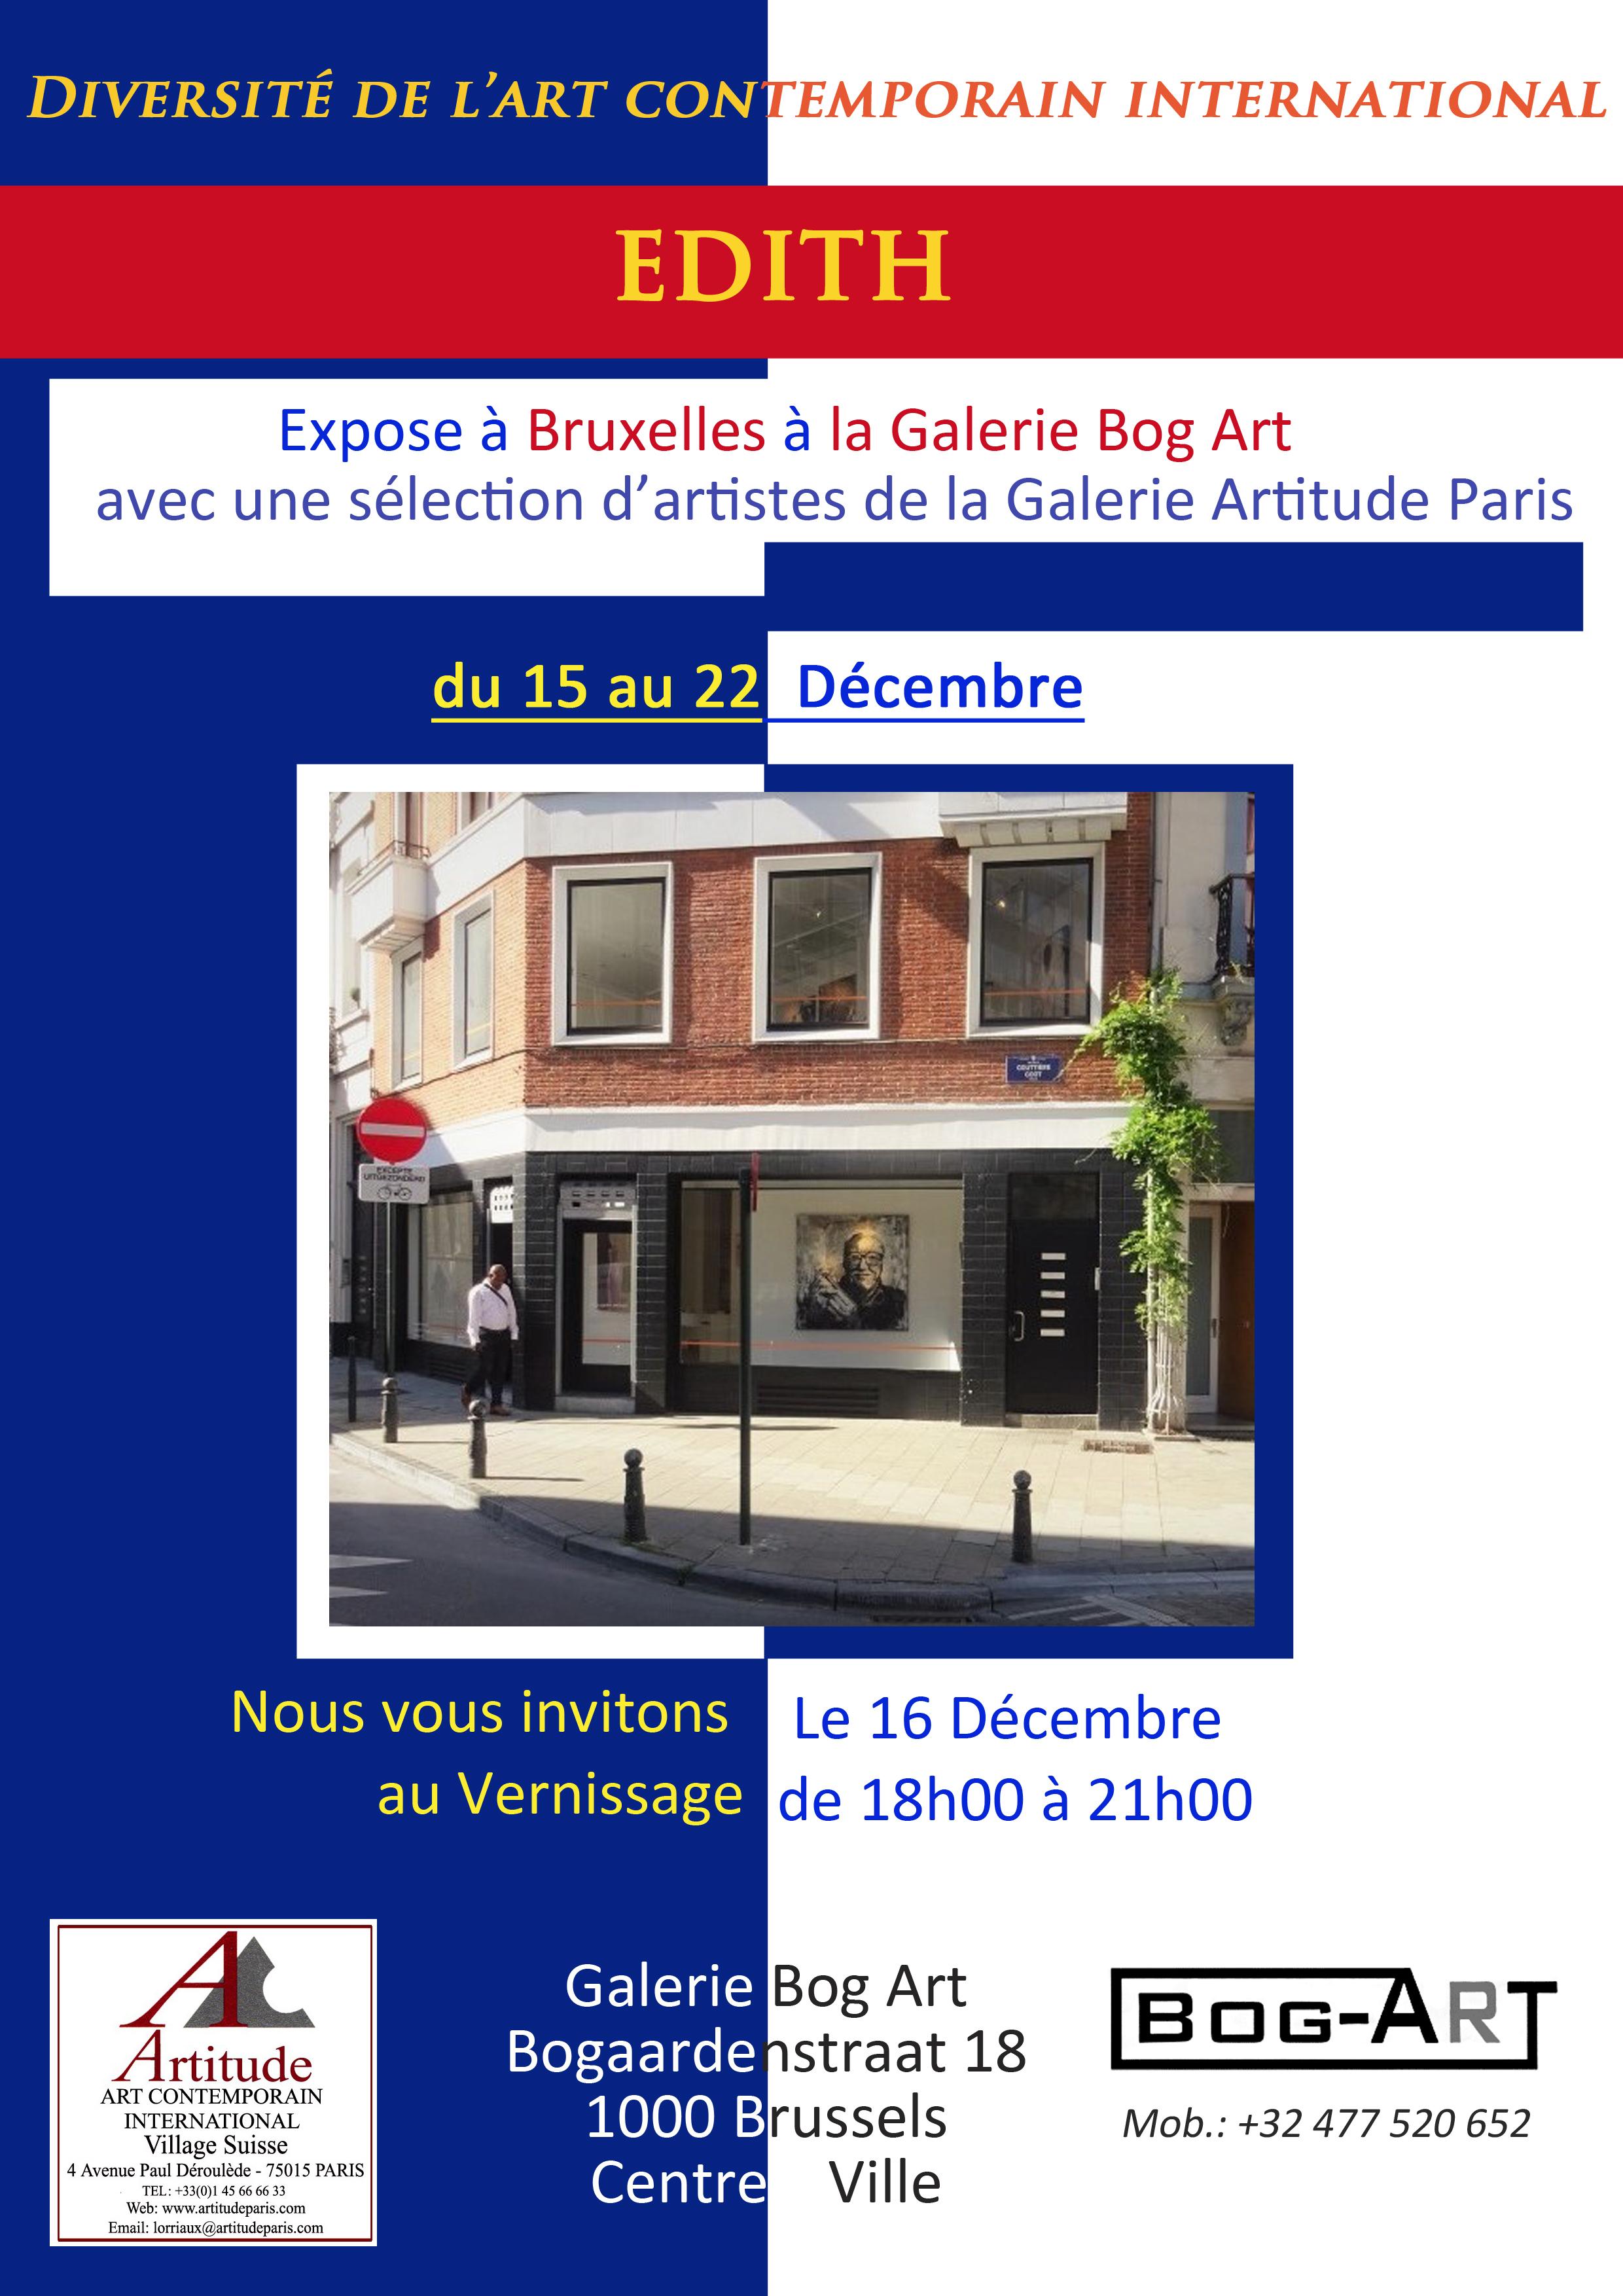 Exposition Bruxelles Edith